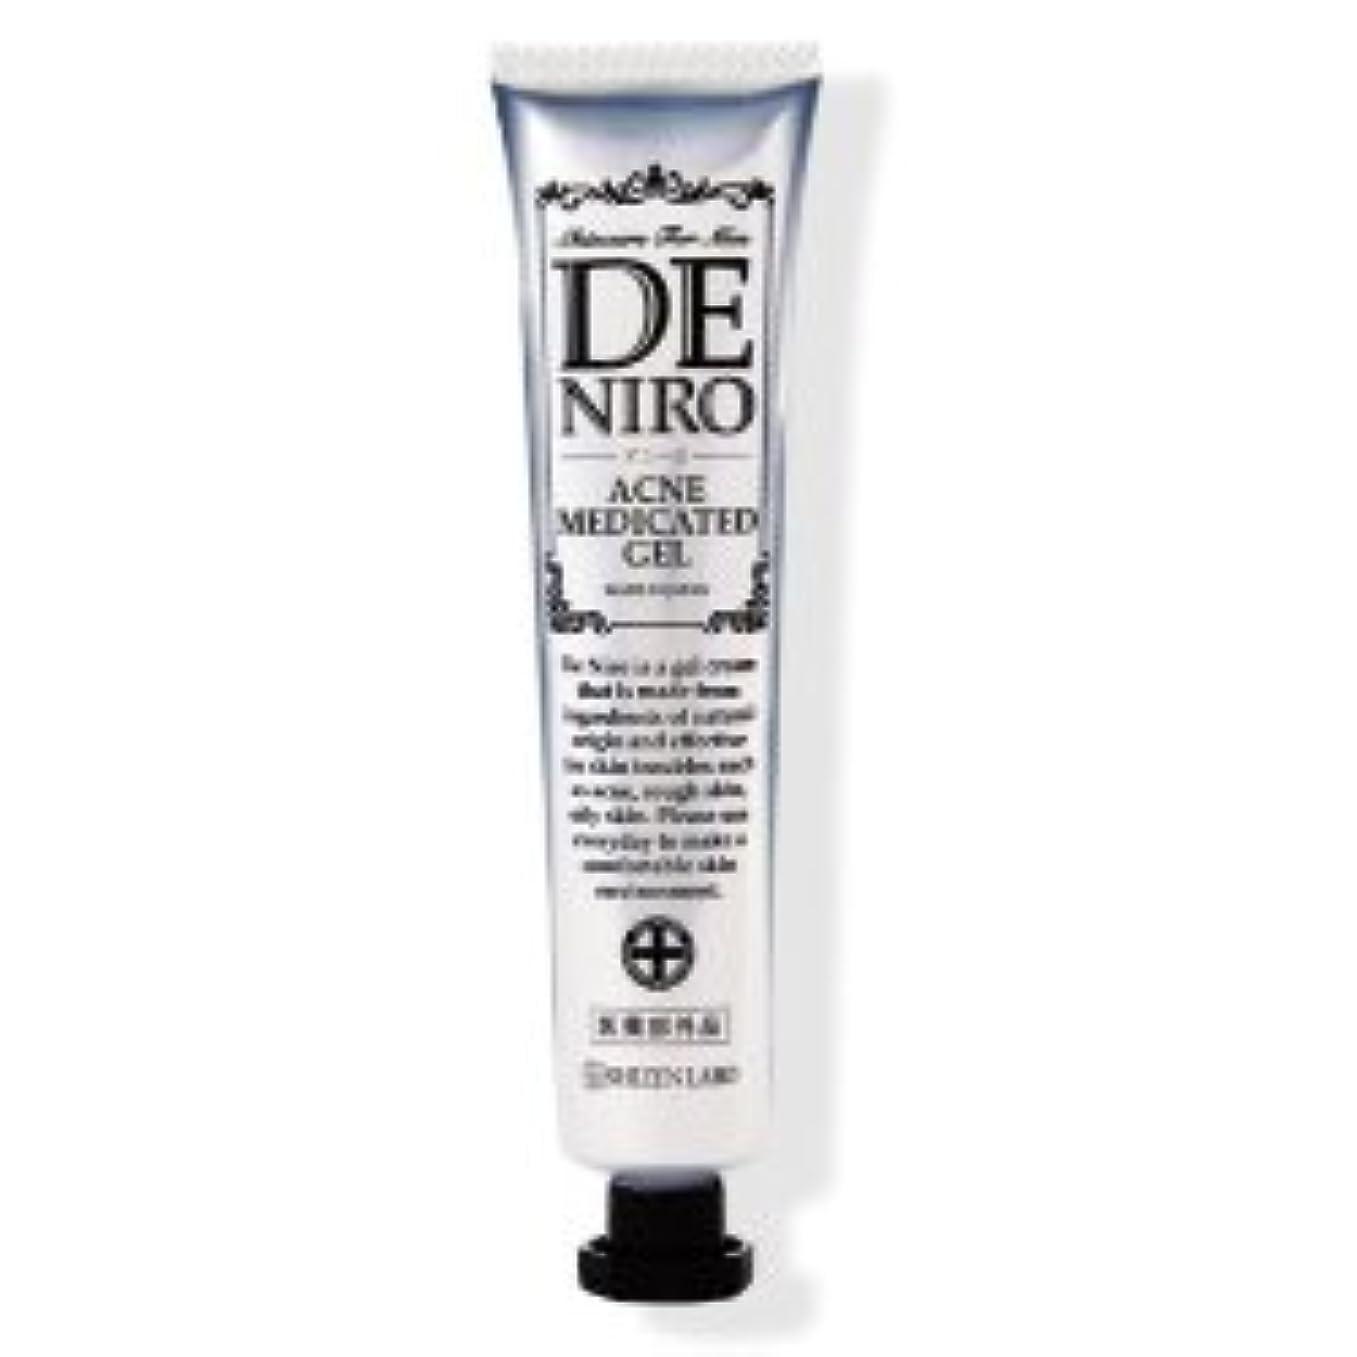 熱望する眼事実デニーロ 45g (約1ヵ月分)【公式】薬用 DE NIRO 男のニキビ クリーム